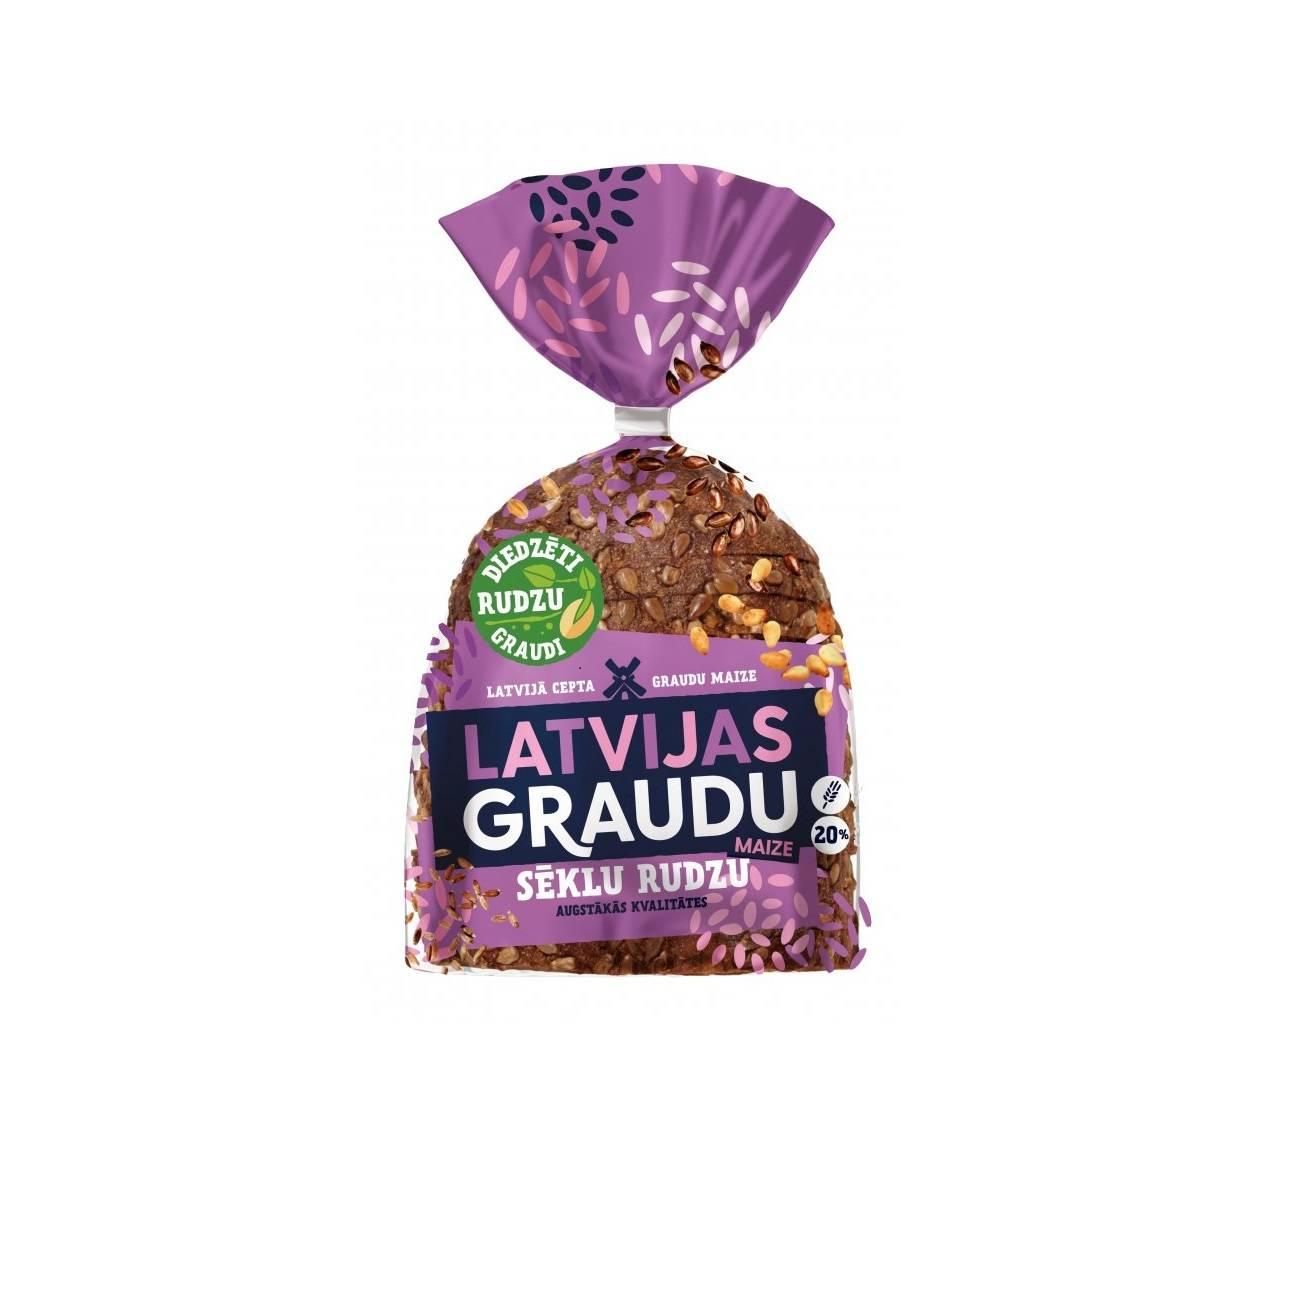 Piine de secara cu seminte si cereale LATVIJAS GRAUDU MAIZE, 390g